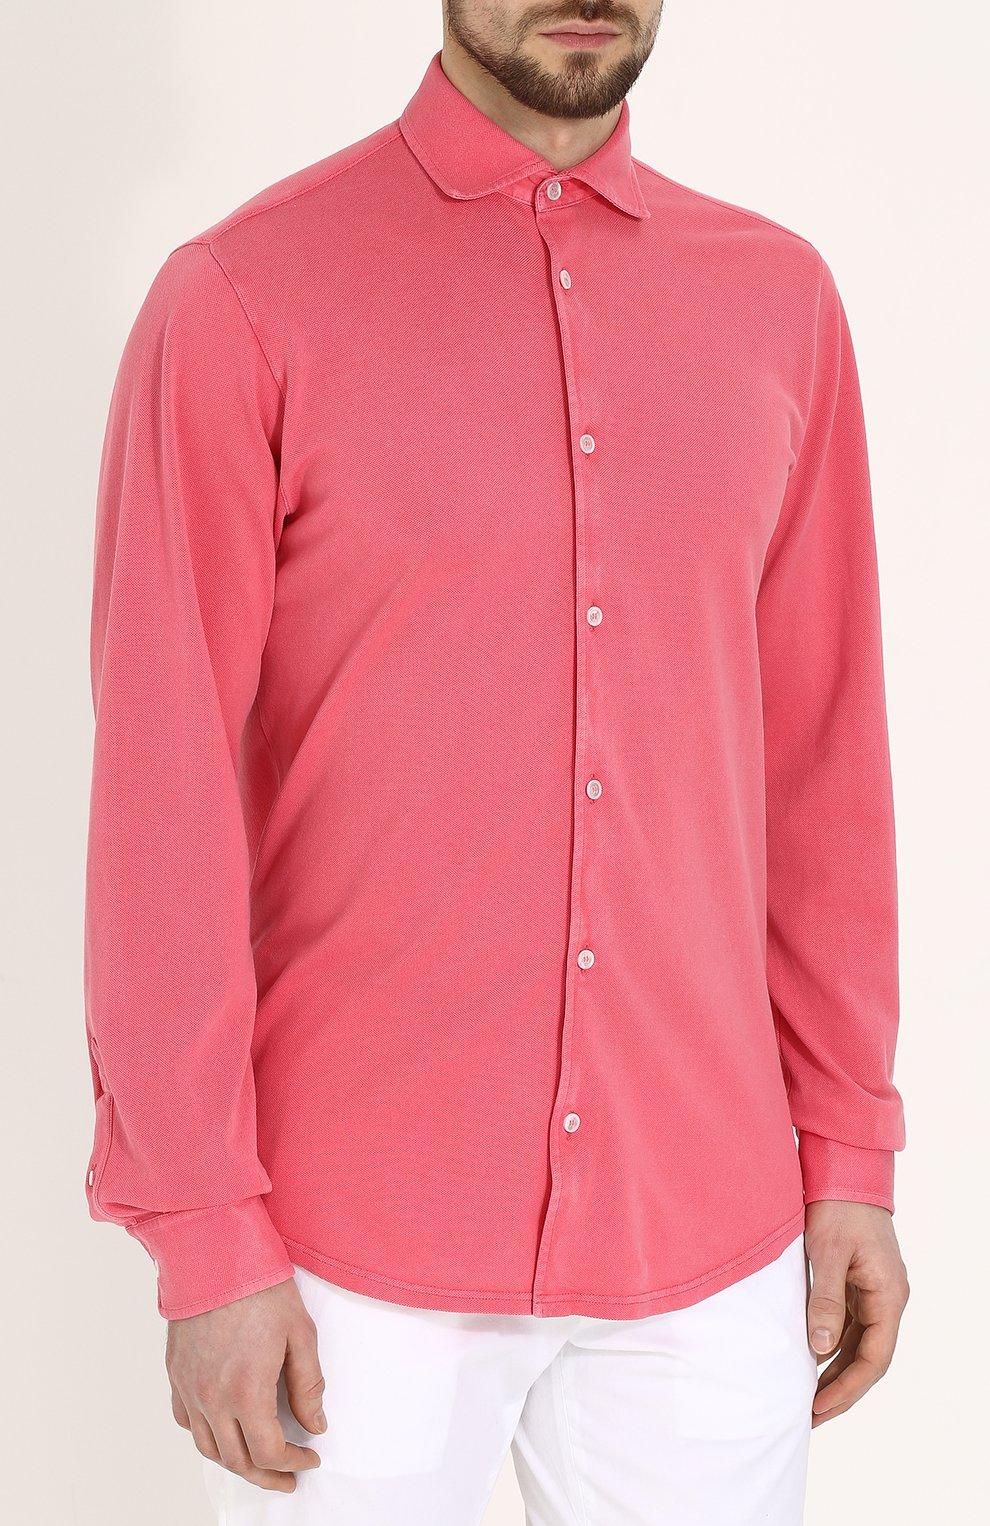 Хлопковая рубашка с воротником кент Fedeli светло-розовая | Фото №3